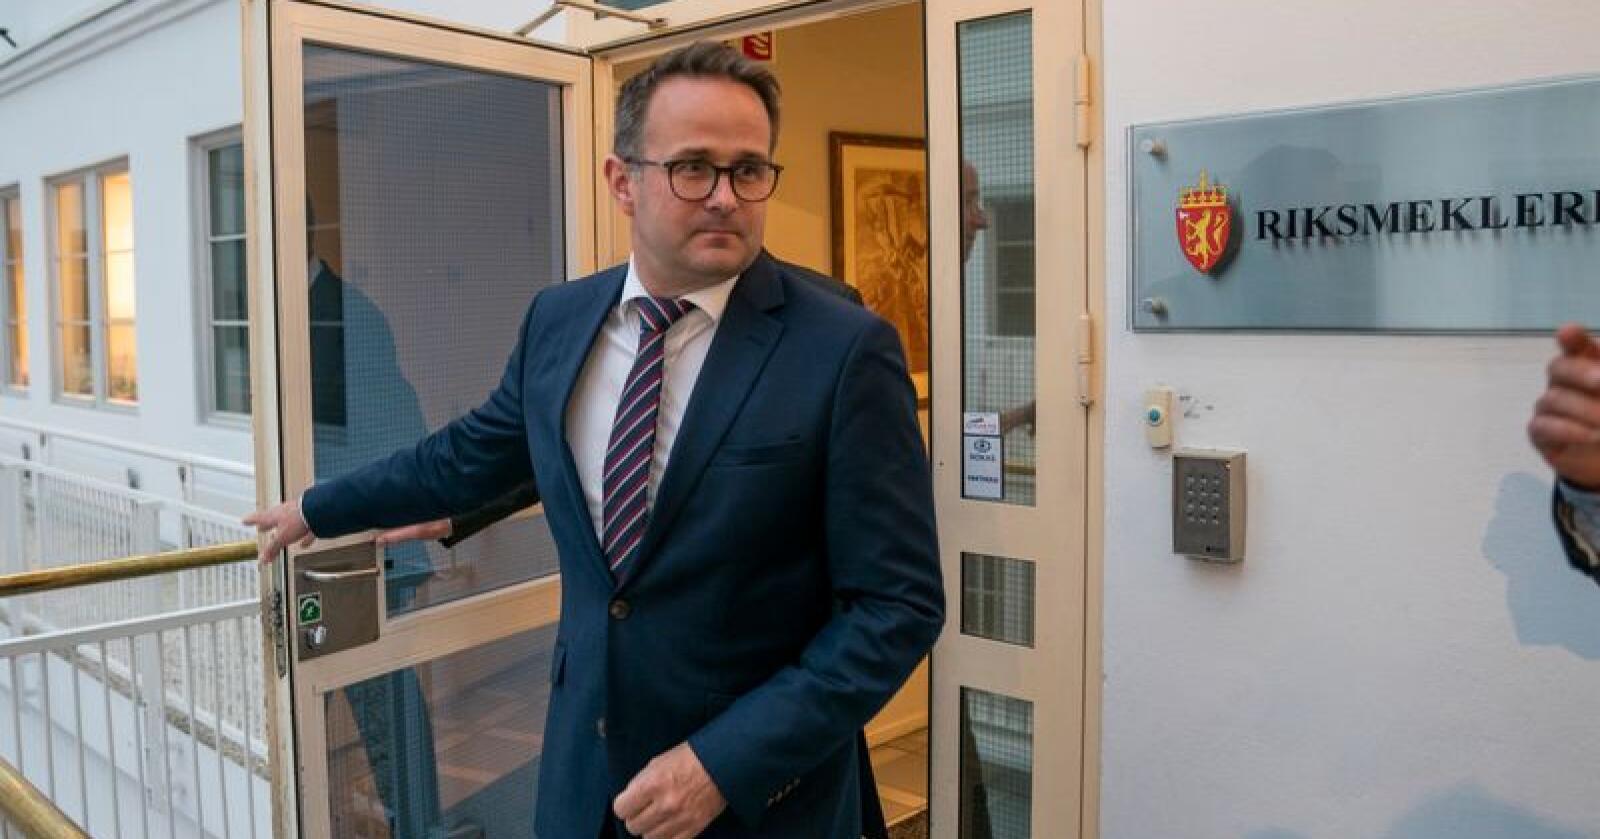 Riksmekler Mats W. Ruland måtte gi opp å få enighet mellom partene i meklingen mellom YS Spekter og Spekter. Arkivfoto: Heiko Junge / NTB scanpix